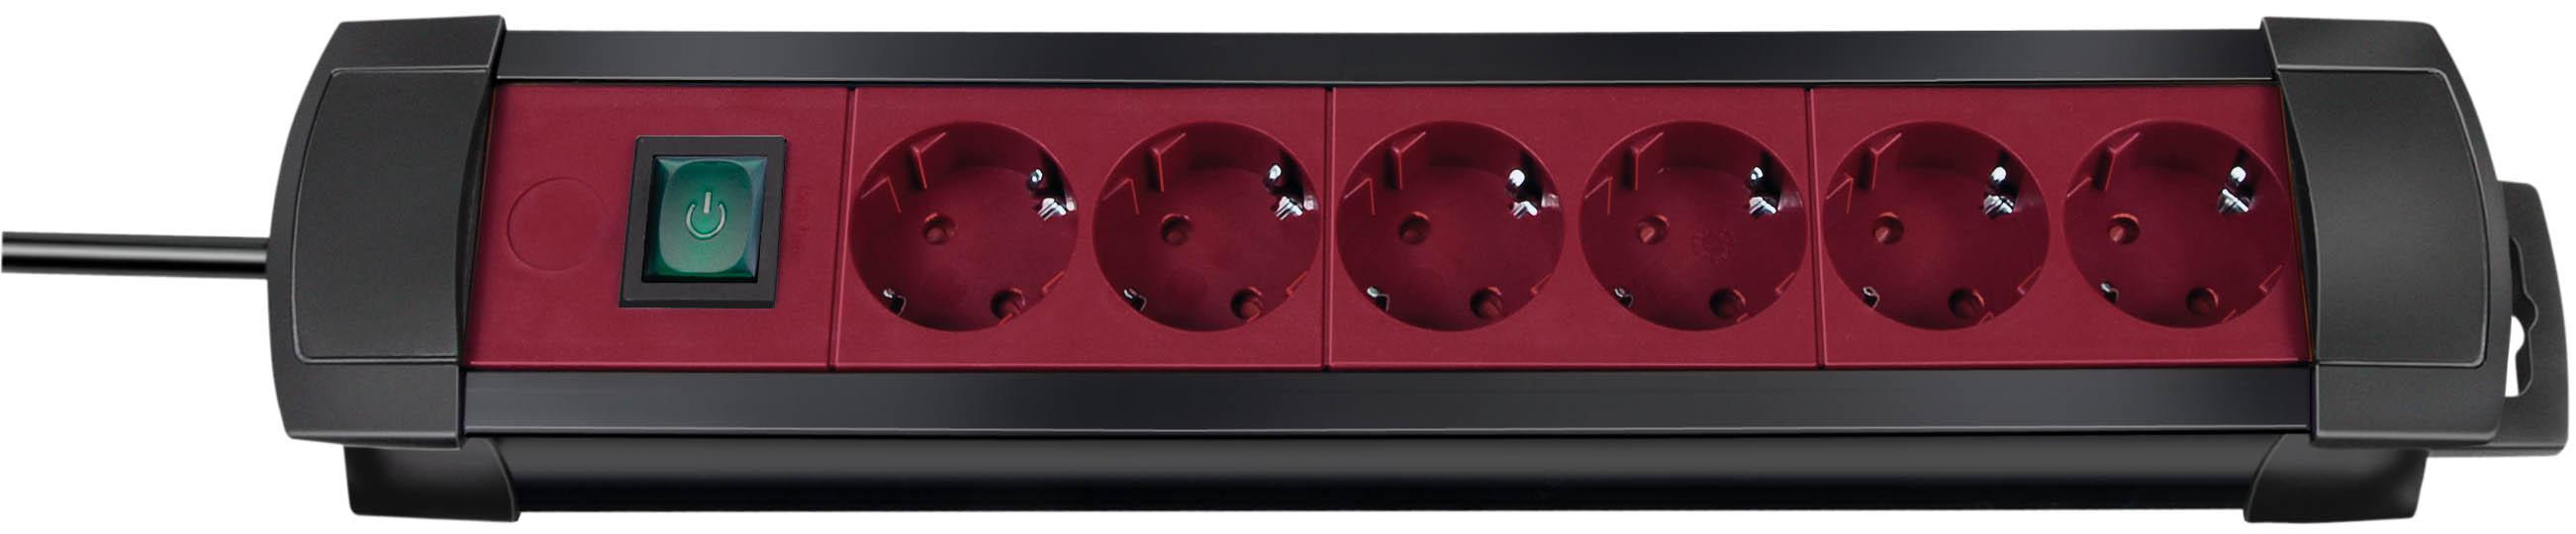 Brennenstuhl Premium-Line 6-fach schwarz/bordeaux mit Schalter, 3m H05VV-F3G1,5